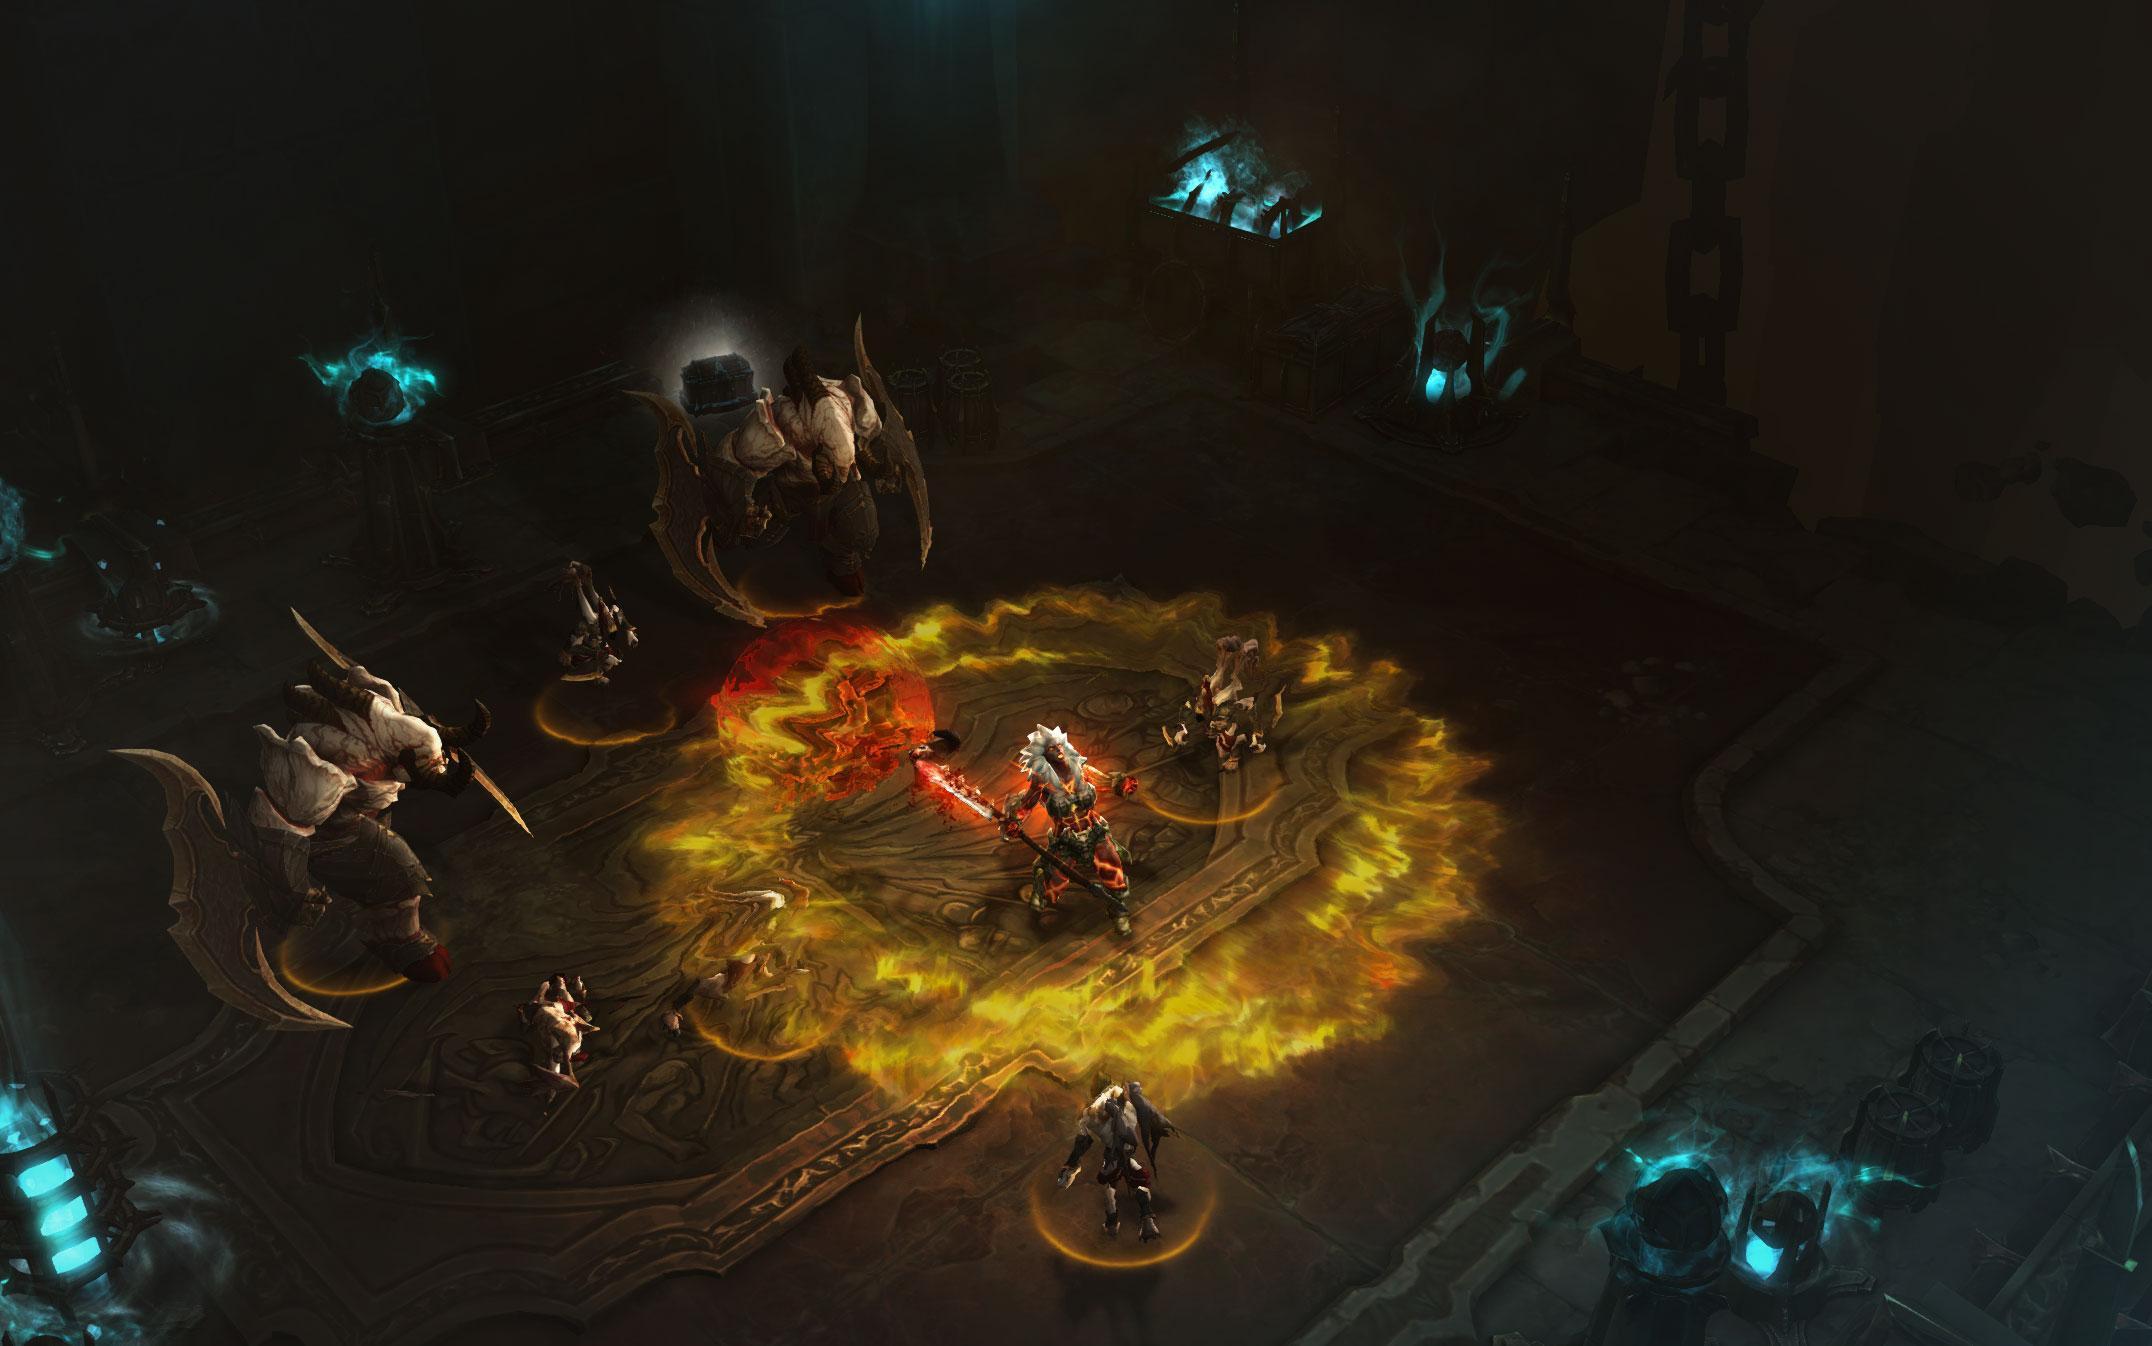 Diablo 3 release date in Brisbane